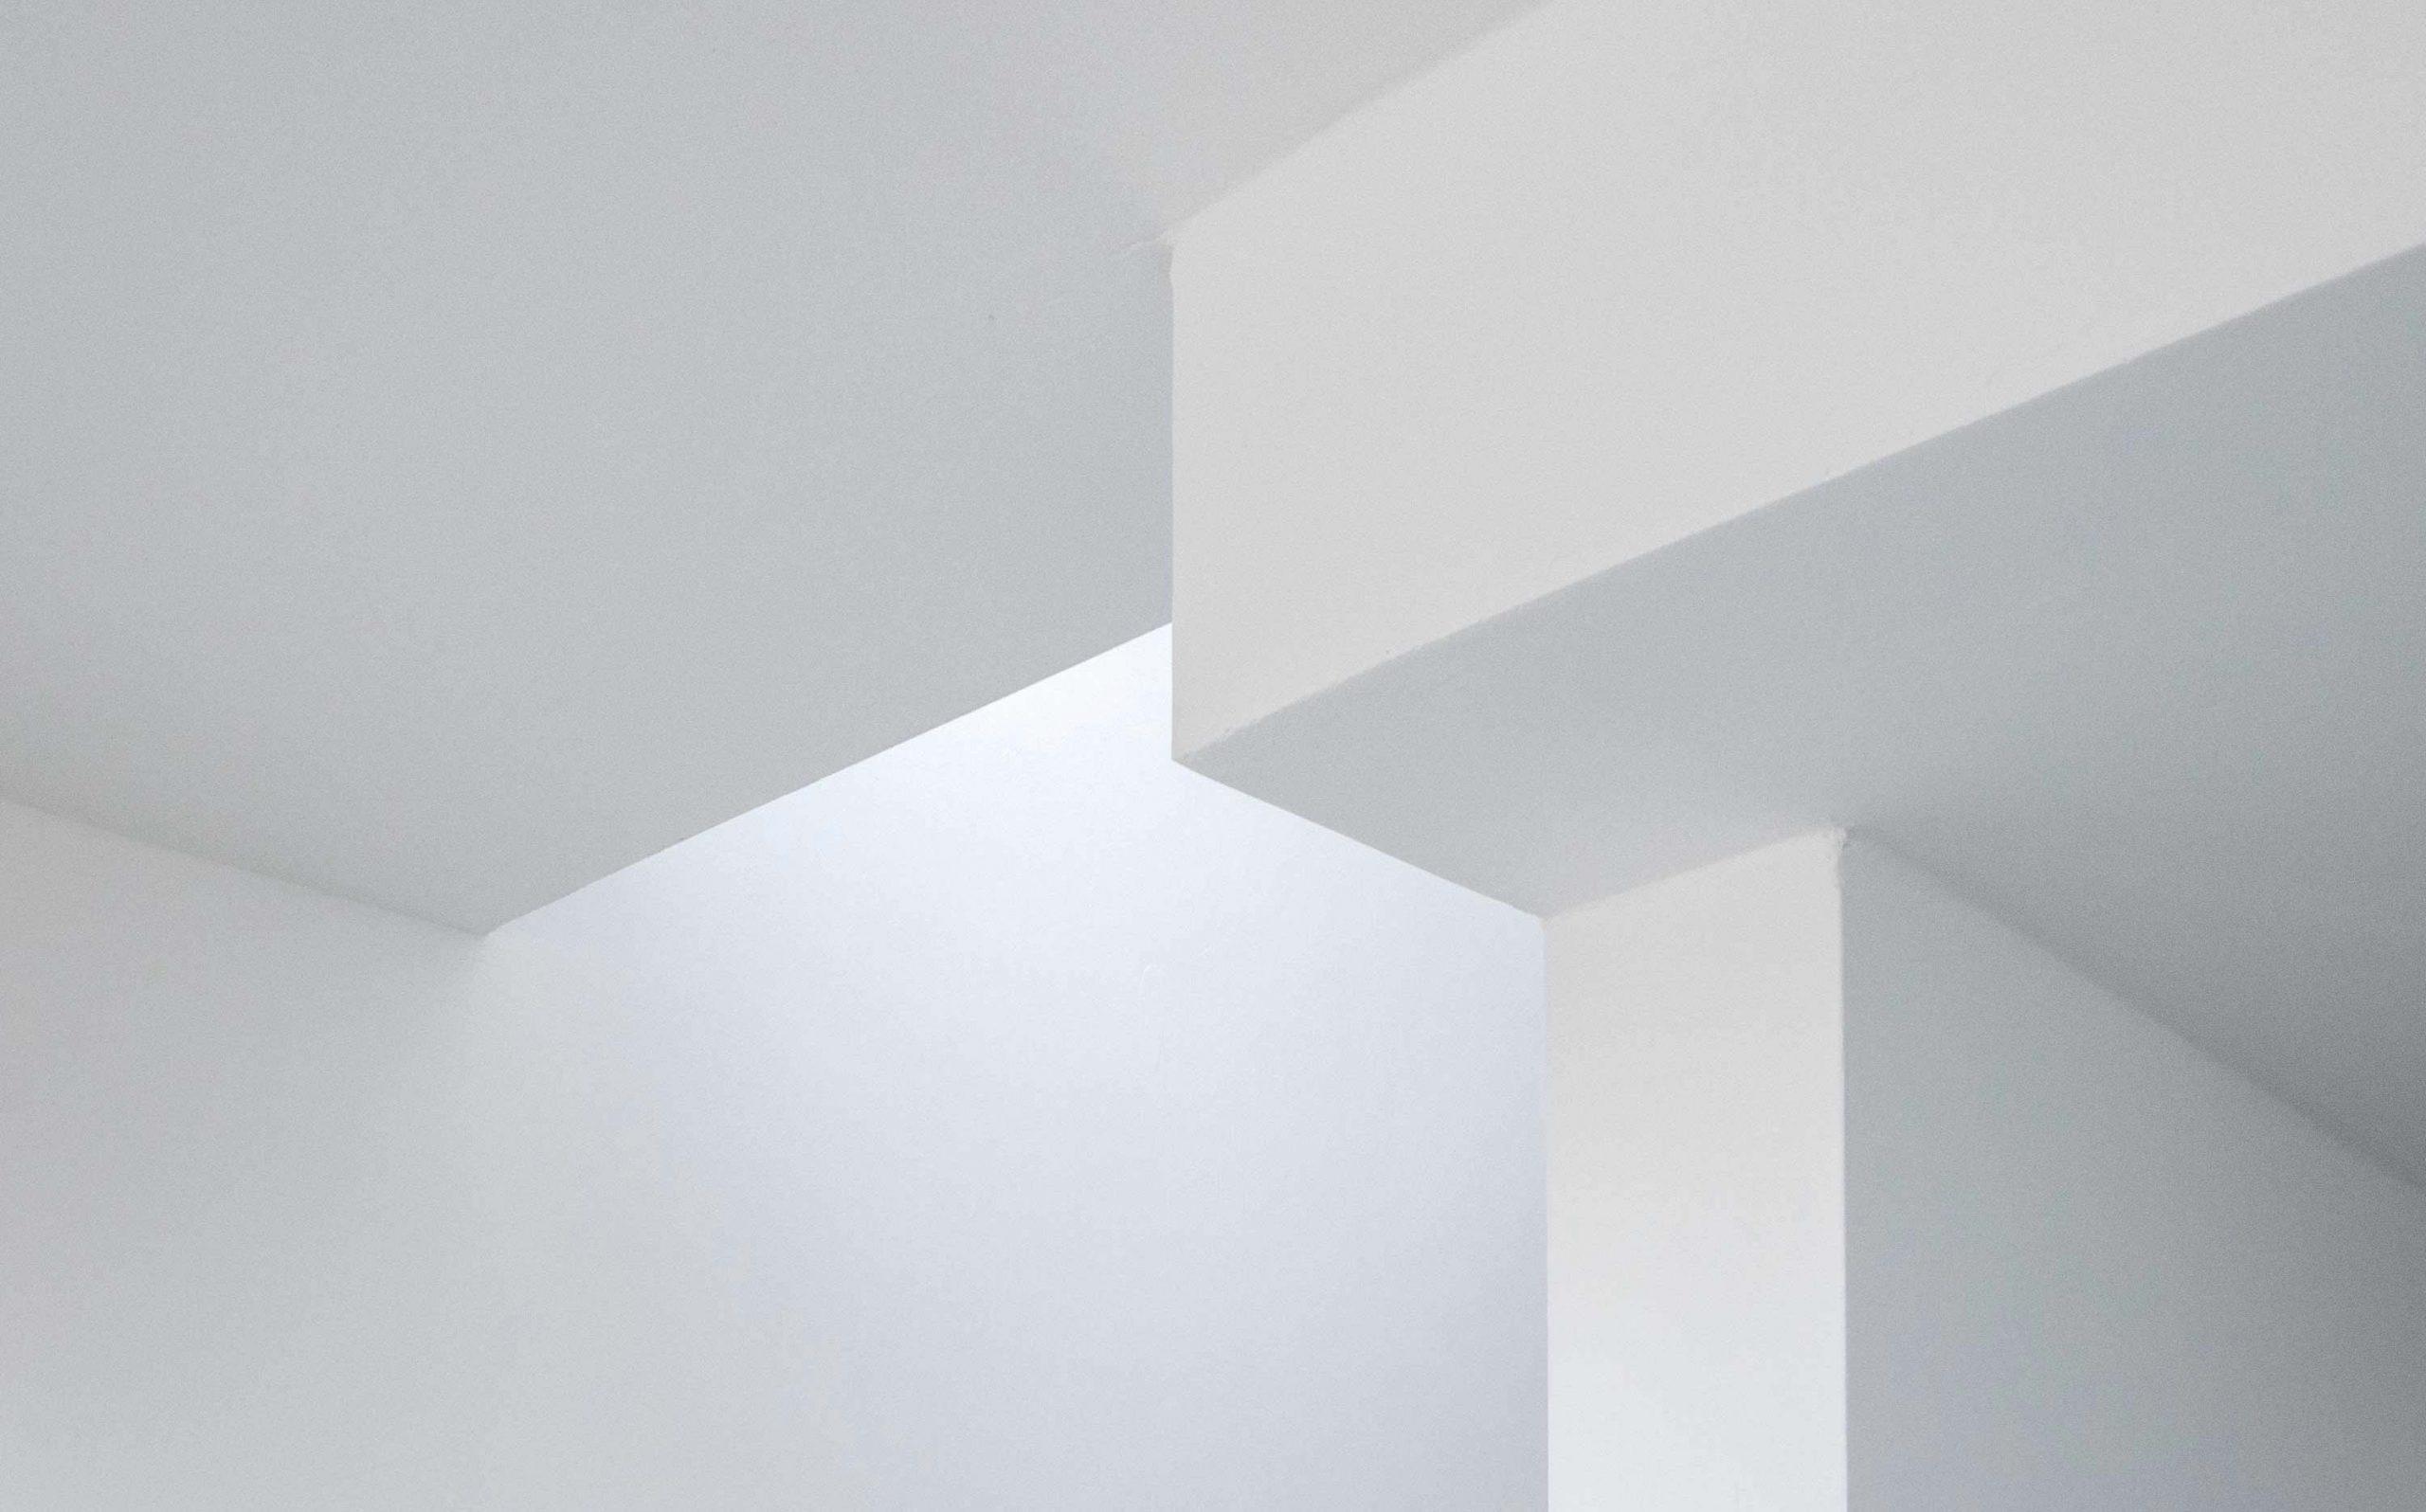 Etagenkennzeichnung für das Rechenzentrum der Finanzverwaltung des Landes Nordrhein-Westfalen   Architektur Detail   Keywords: Etagenkennzeichnung, Signaletik, Leitsystem, Orientierungssystem, Design, Grafikdesign, Typografie